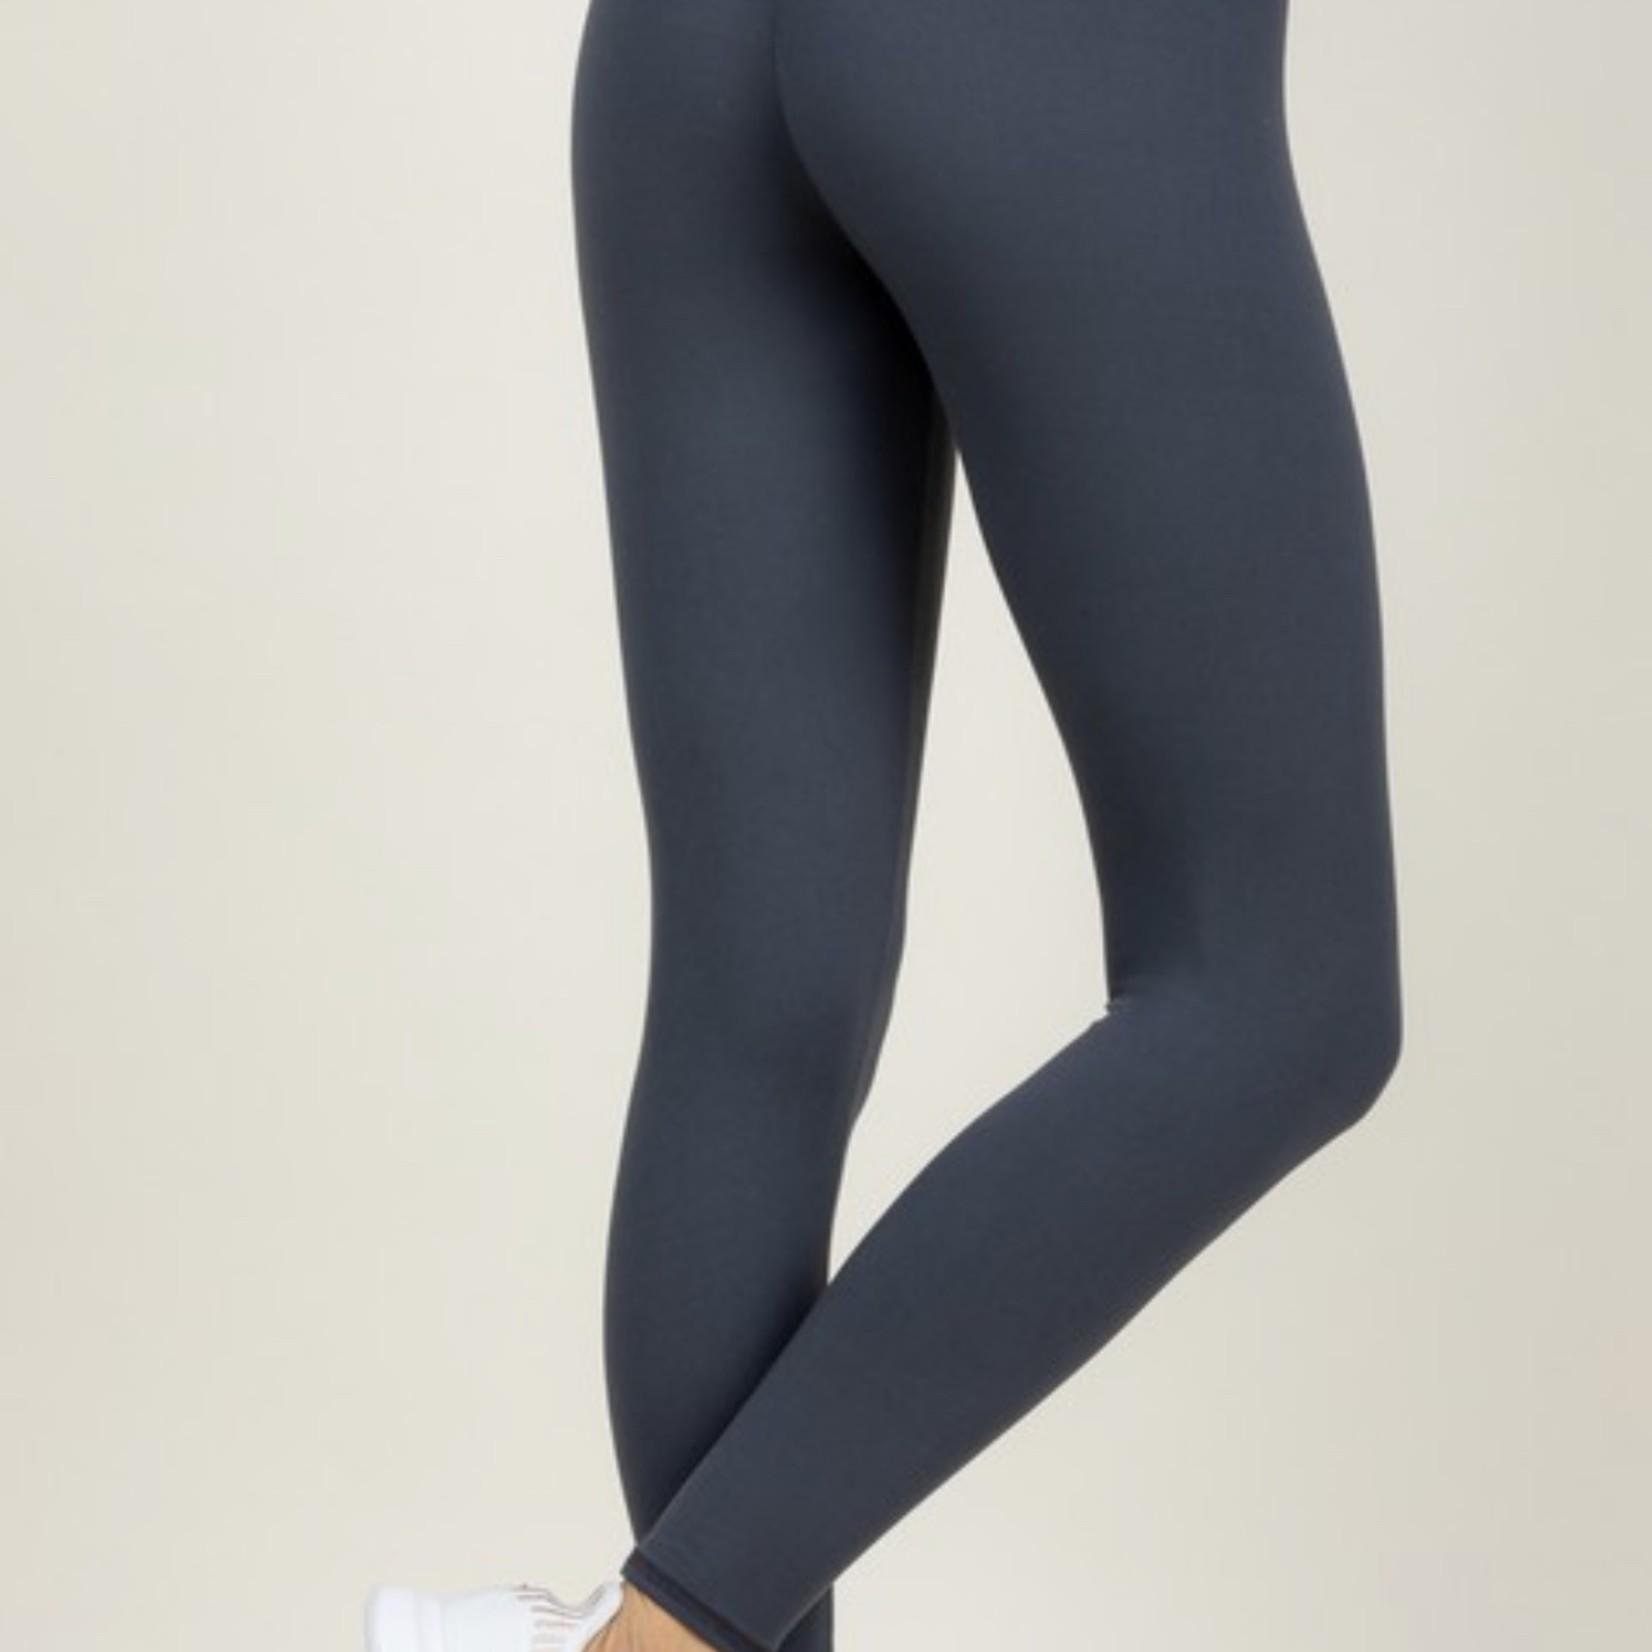 abby soft leggings